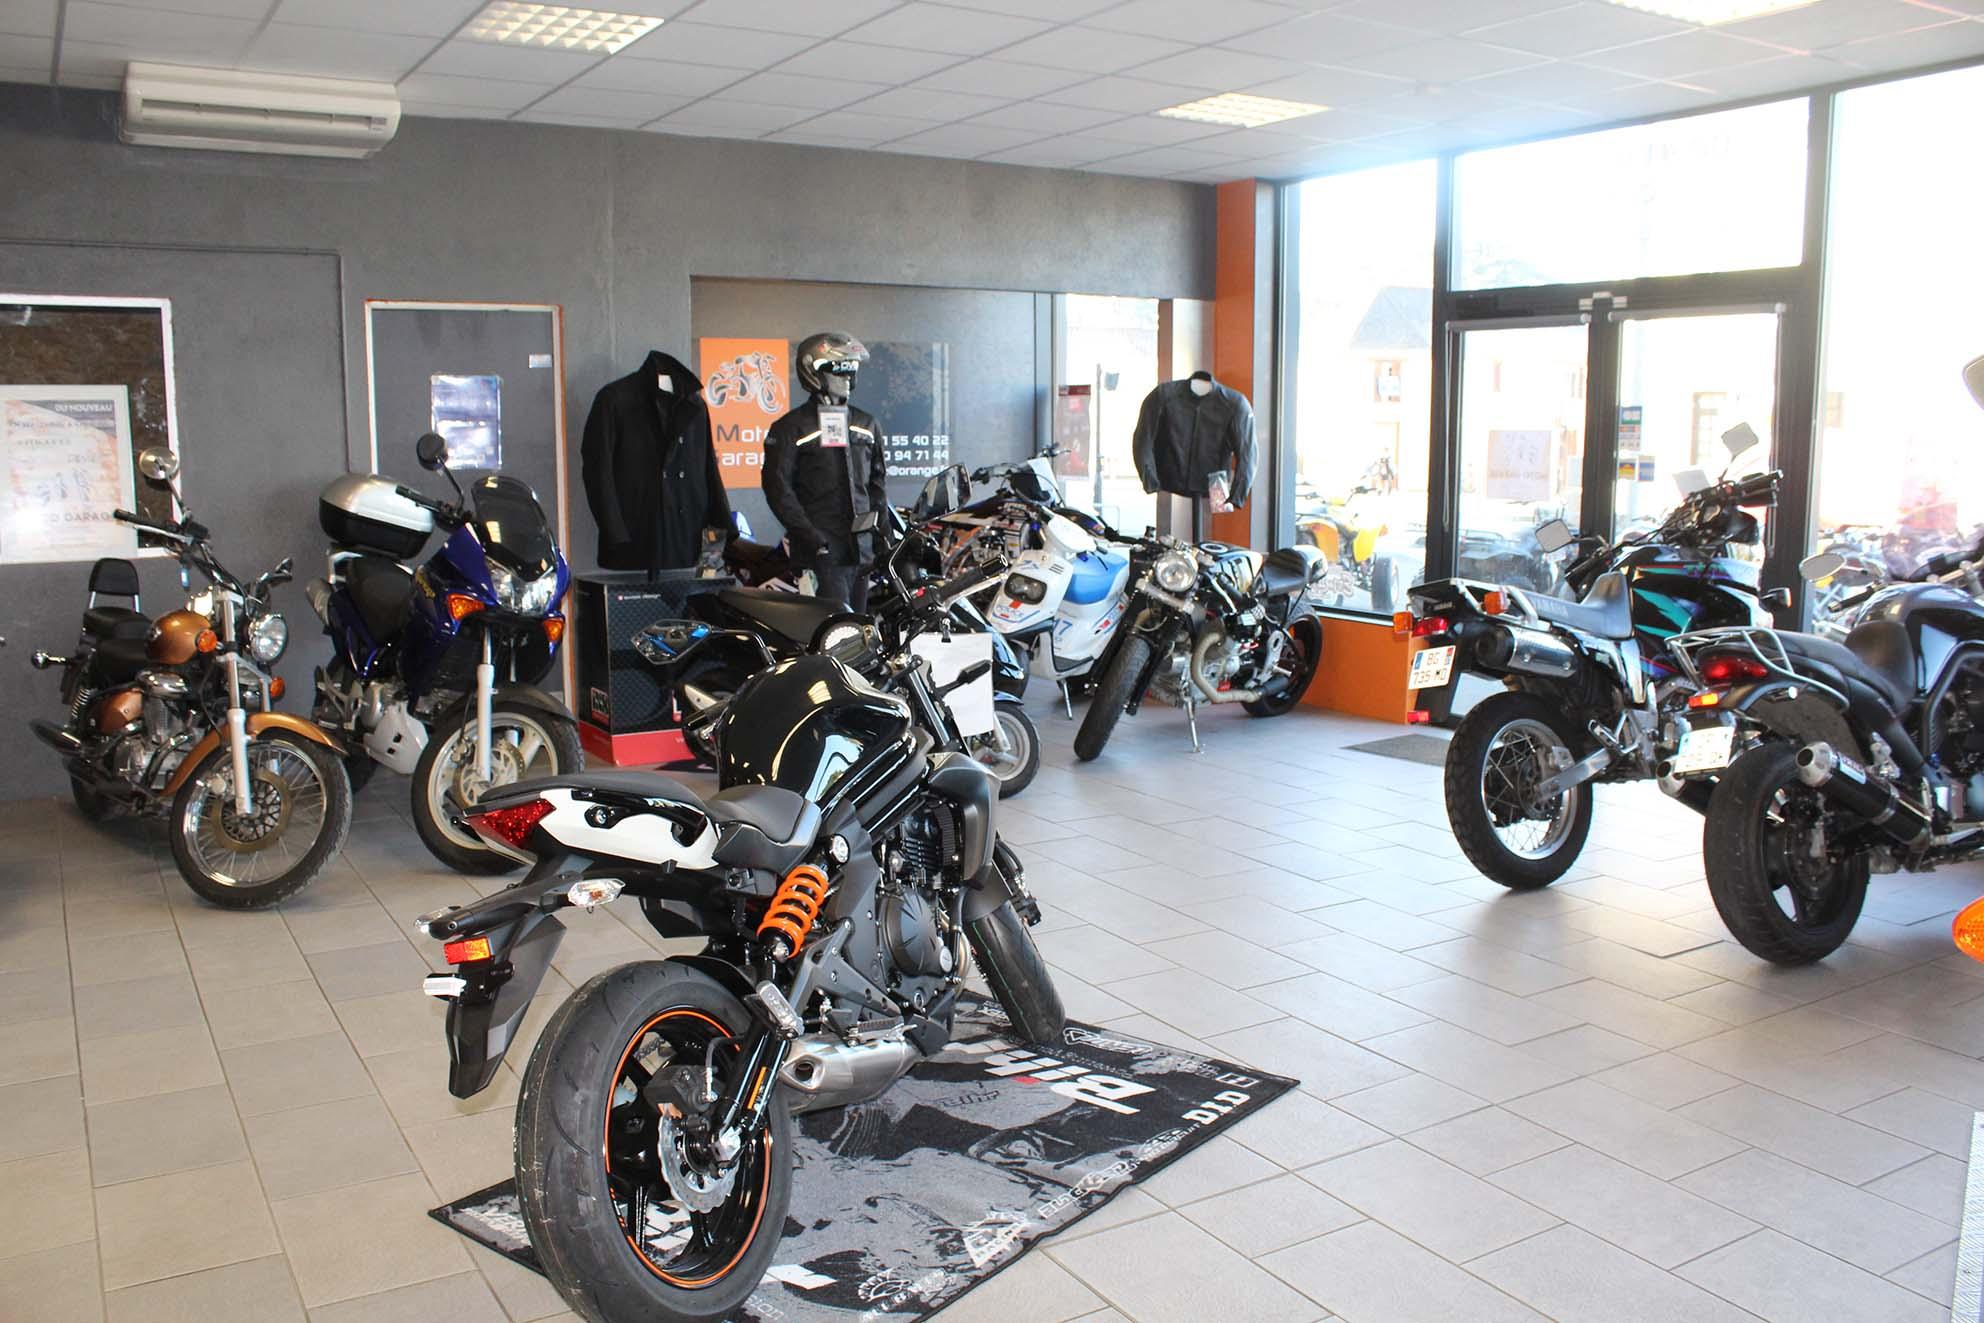 accueil du magasin et atelier de répération Moto Garage à Chemillé dans le Maine-et-Loire (49)